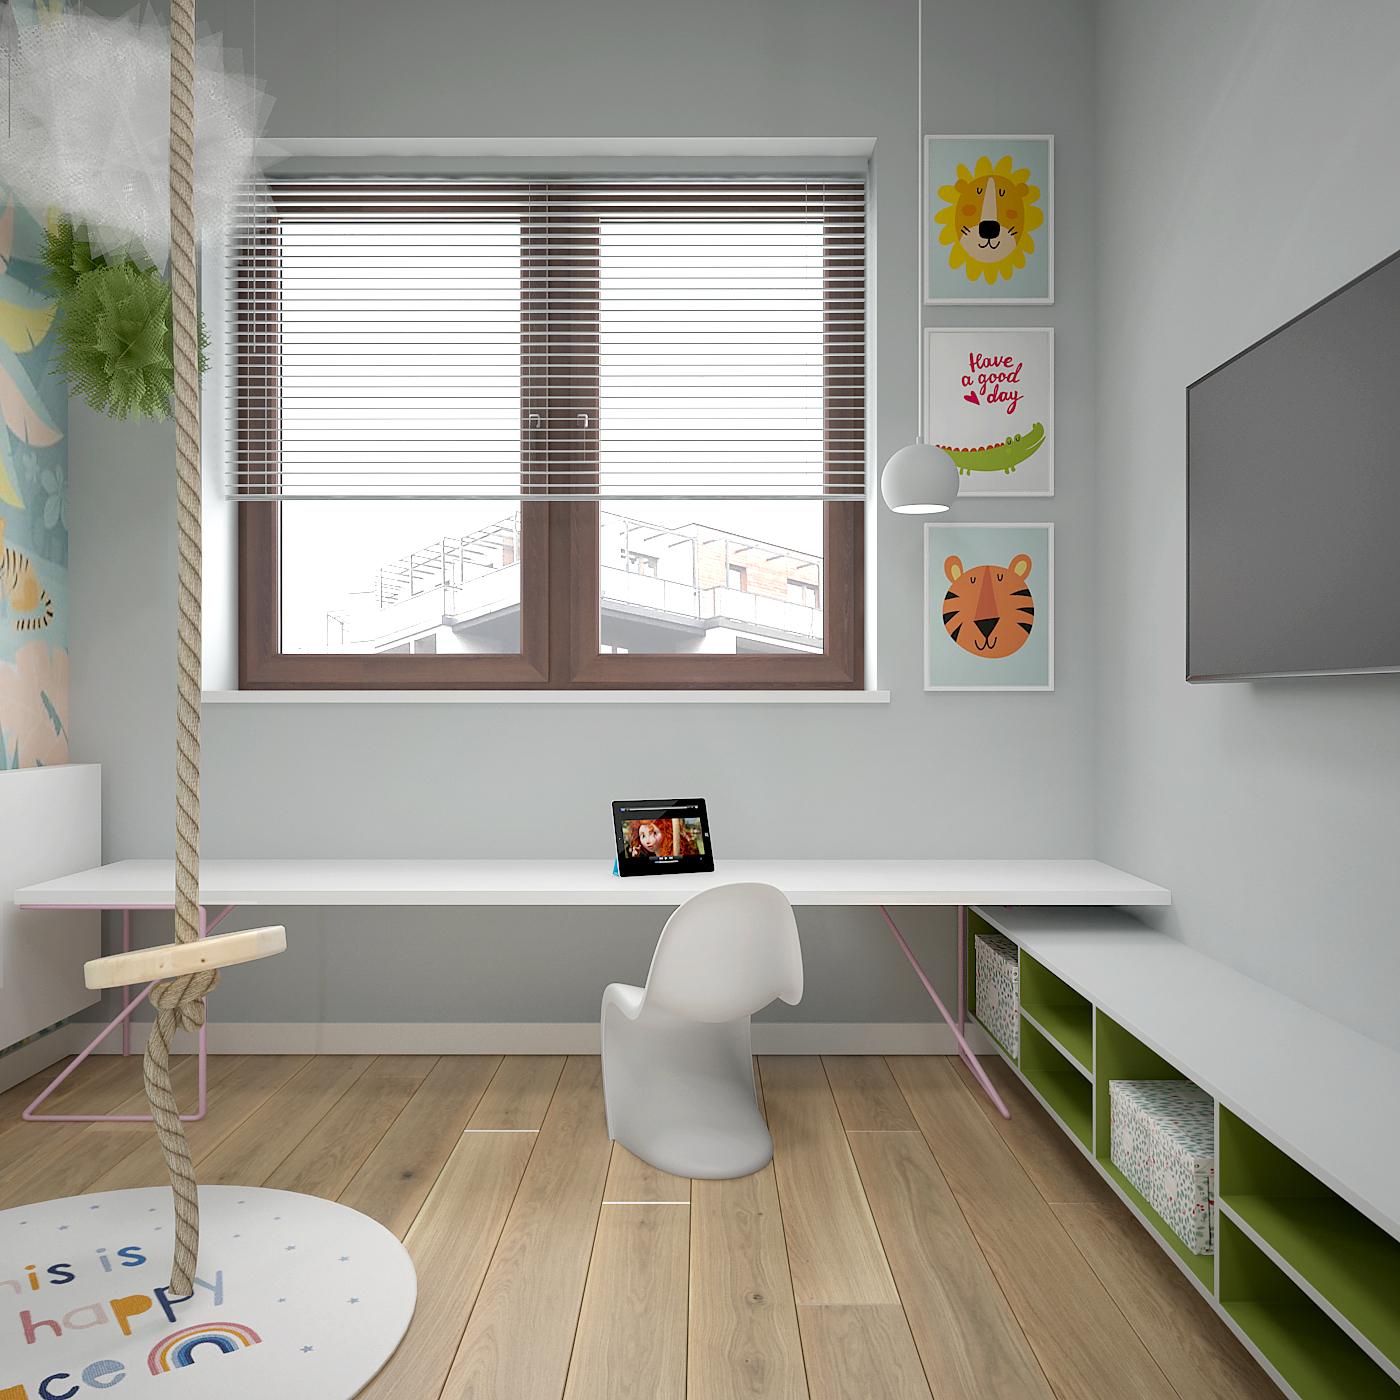 21 projekt wnetrza 537 mieszkanie krakow pokoj dziecka sznurowa hustawka niskie biurko komoda telewizor na scianie